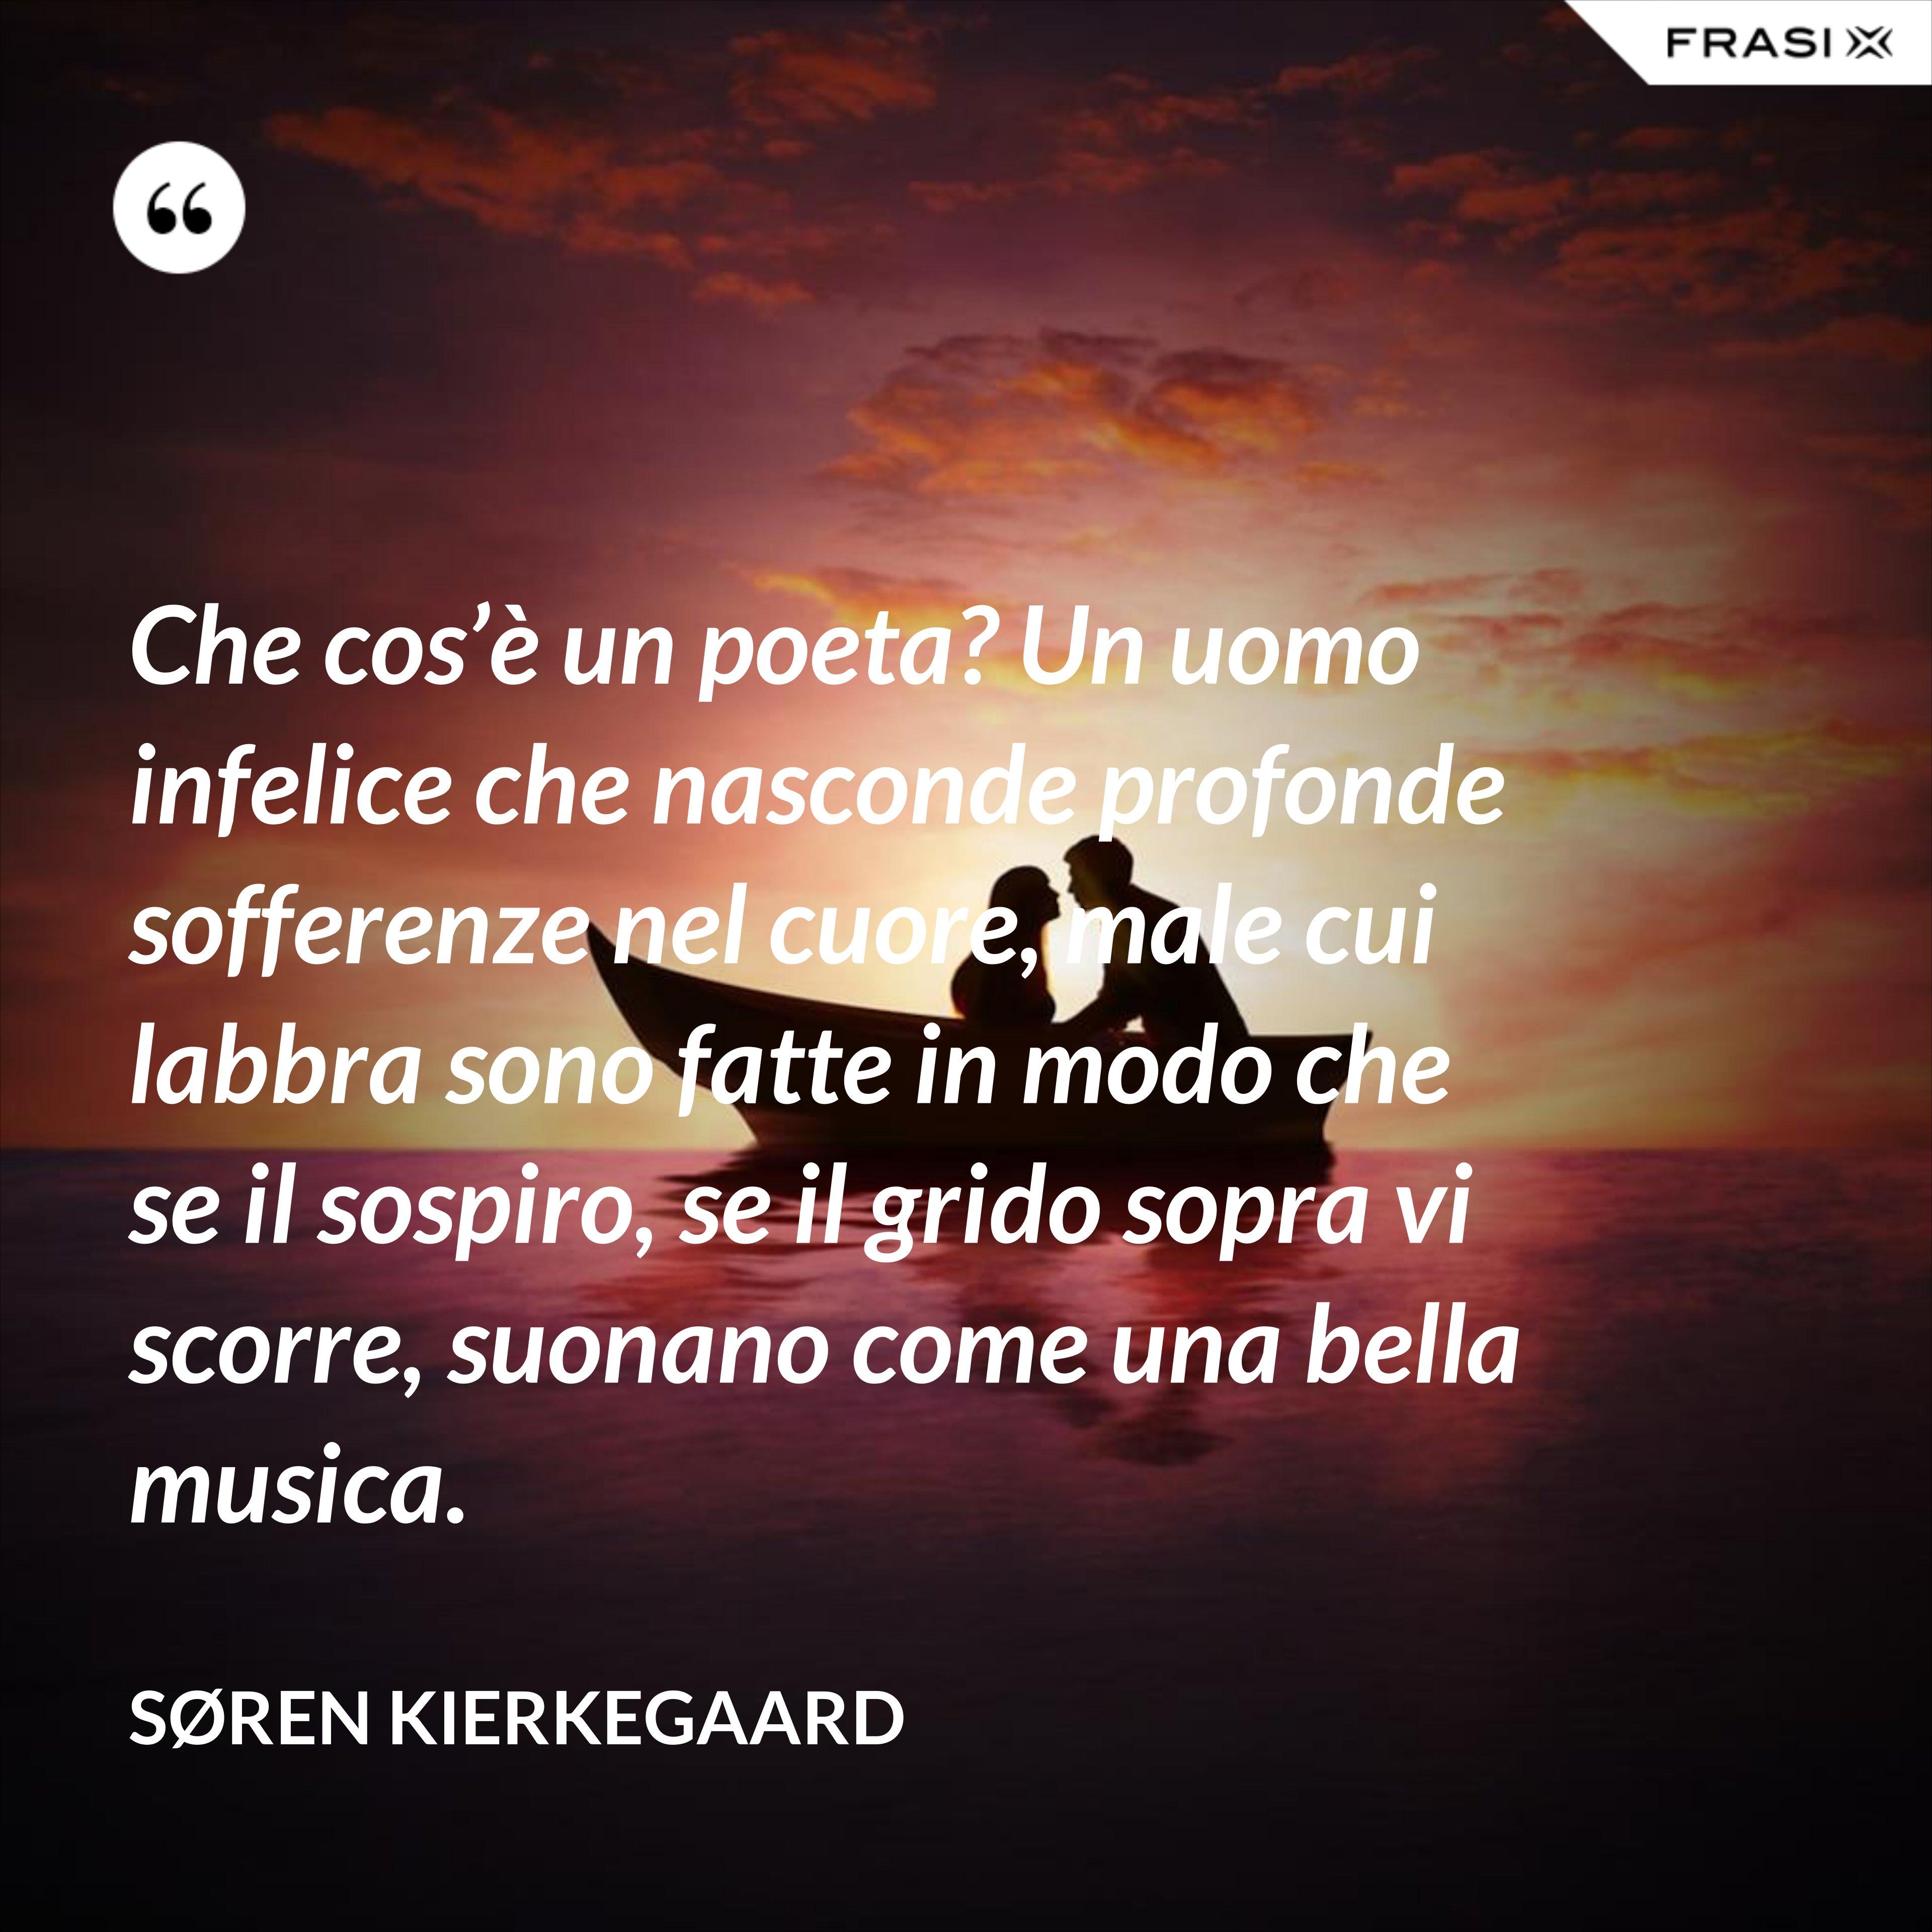 Che cos'è un poeta? Un uomo infelice che nasconde profonde sofferenze nel cuore, male cui labbra sono fatte in modo che se il sospiro, se il grido sopra vi scorre, suonano come una bella musica. - Søren Kierkegaard